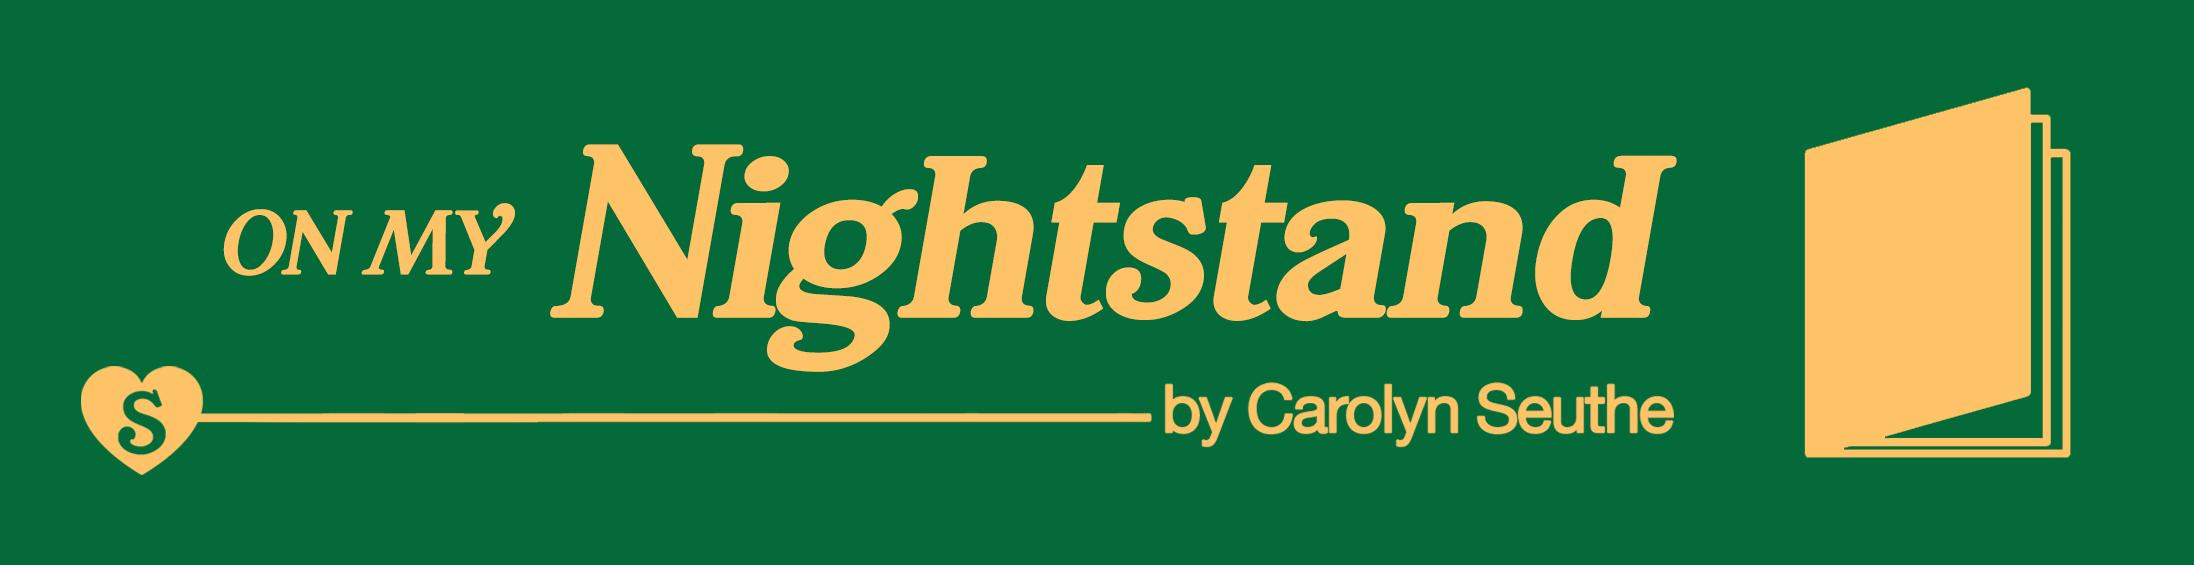 StaunchlyHeaders_Nightstand.jpg